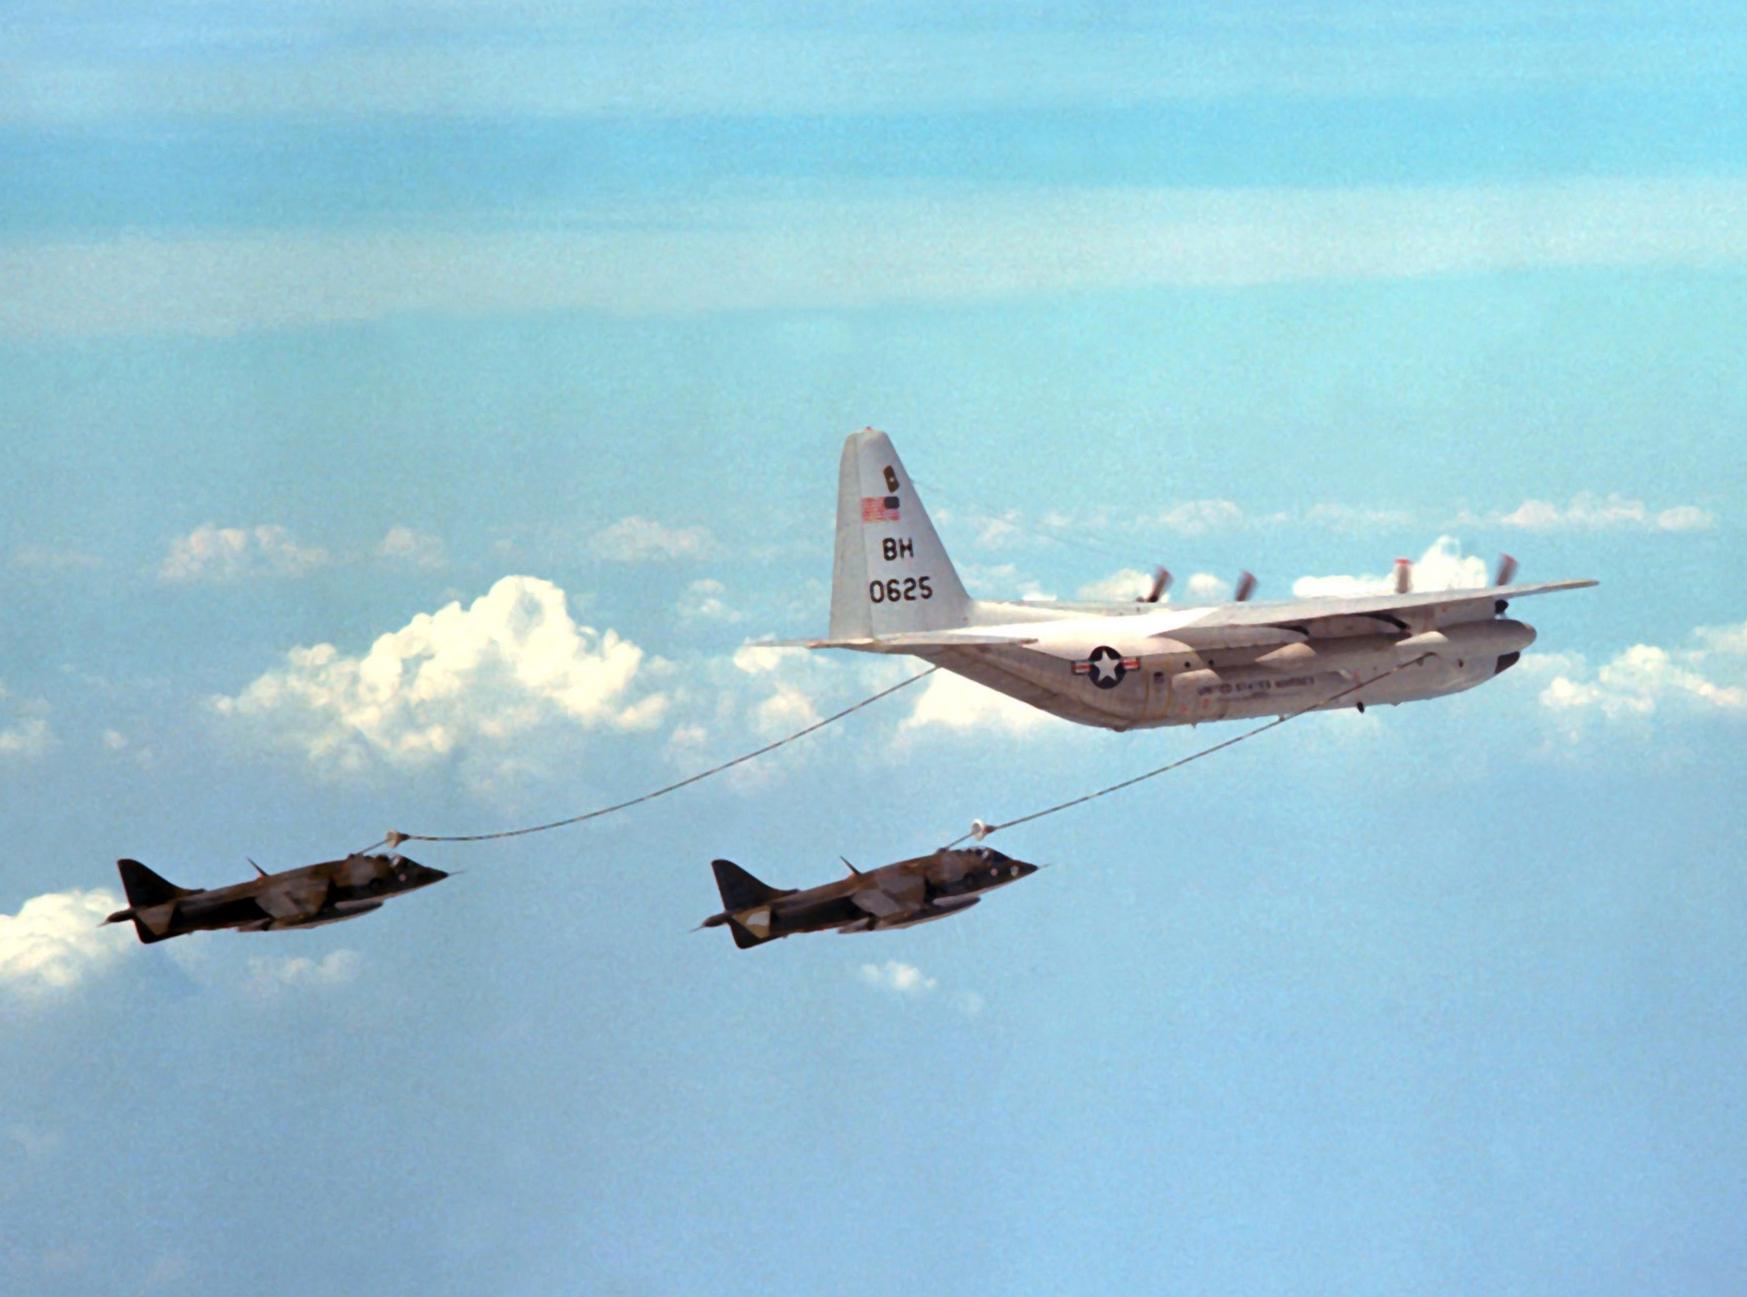 KC-130R_VMGR-252_refueling_Harriers_1978